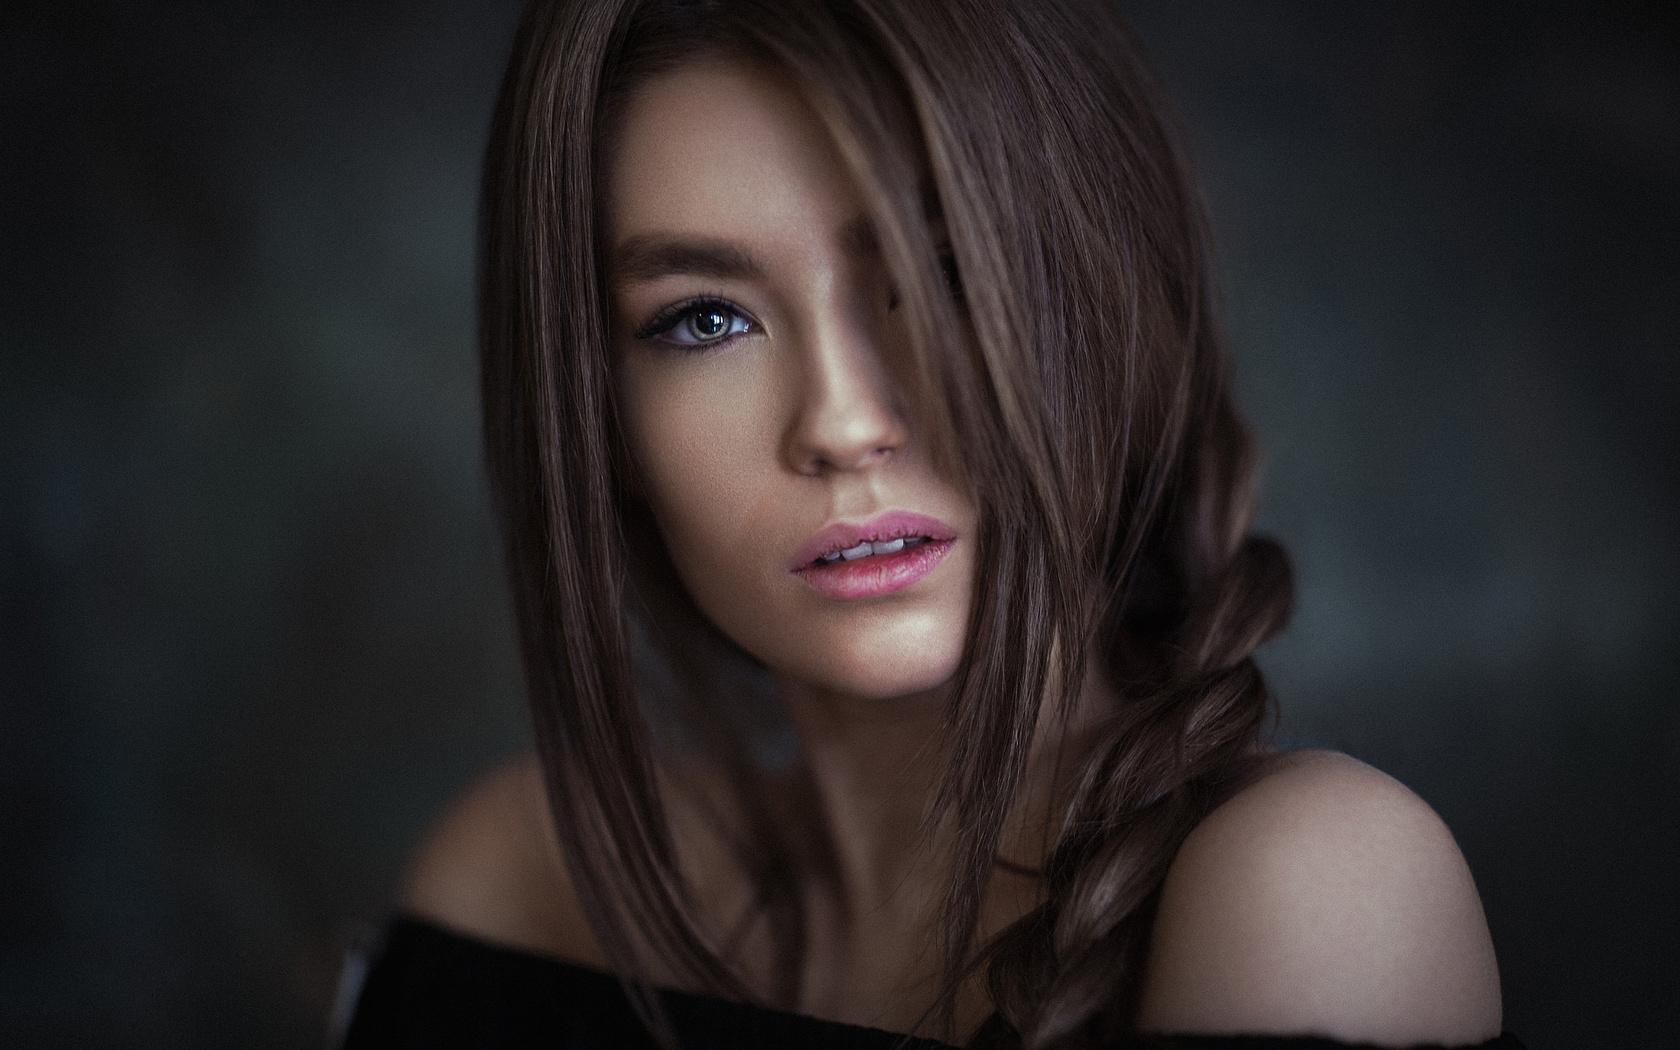 women, face, portrait, ali falak